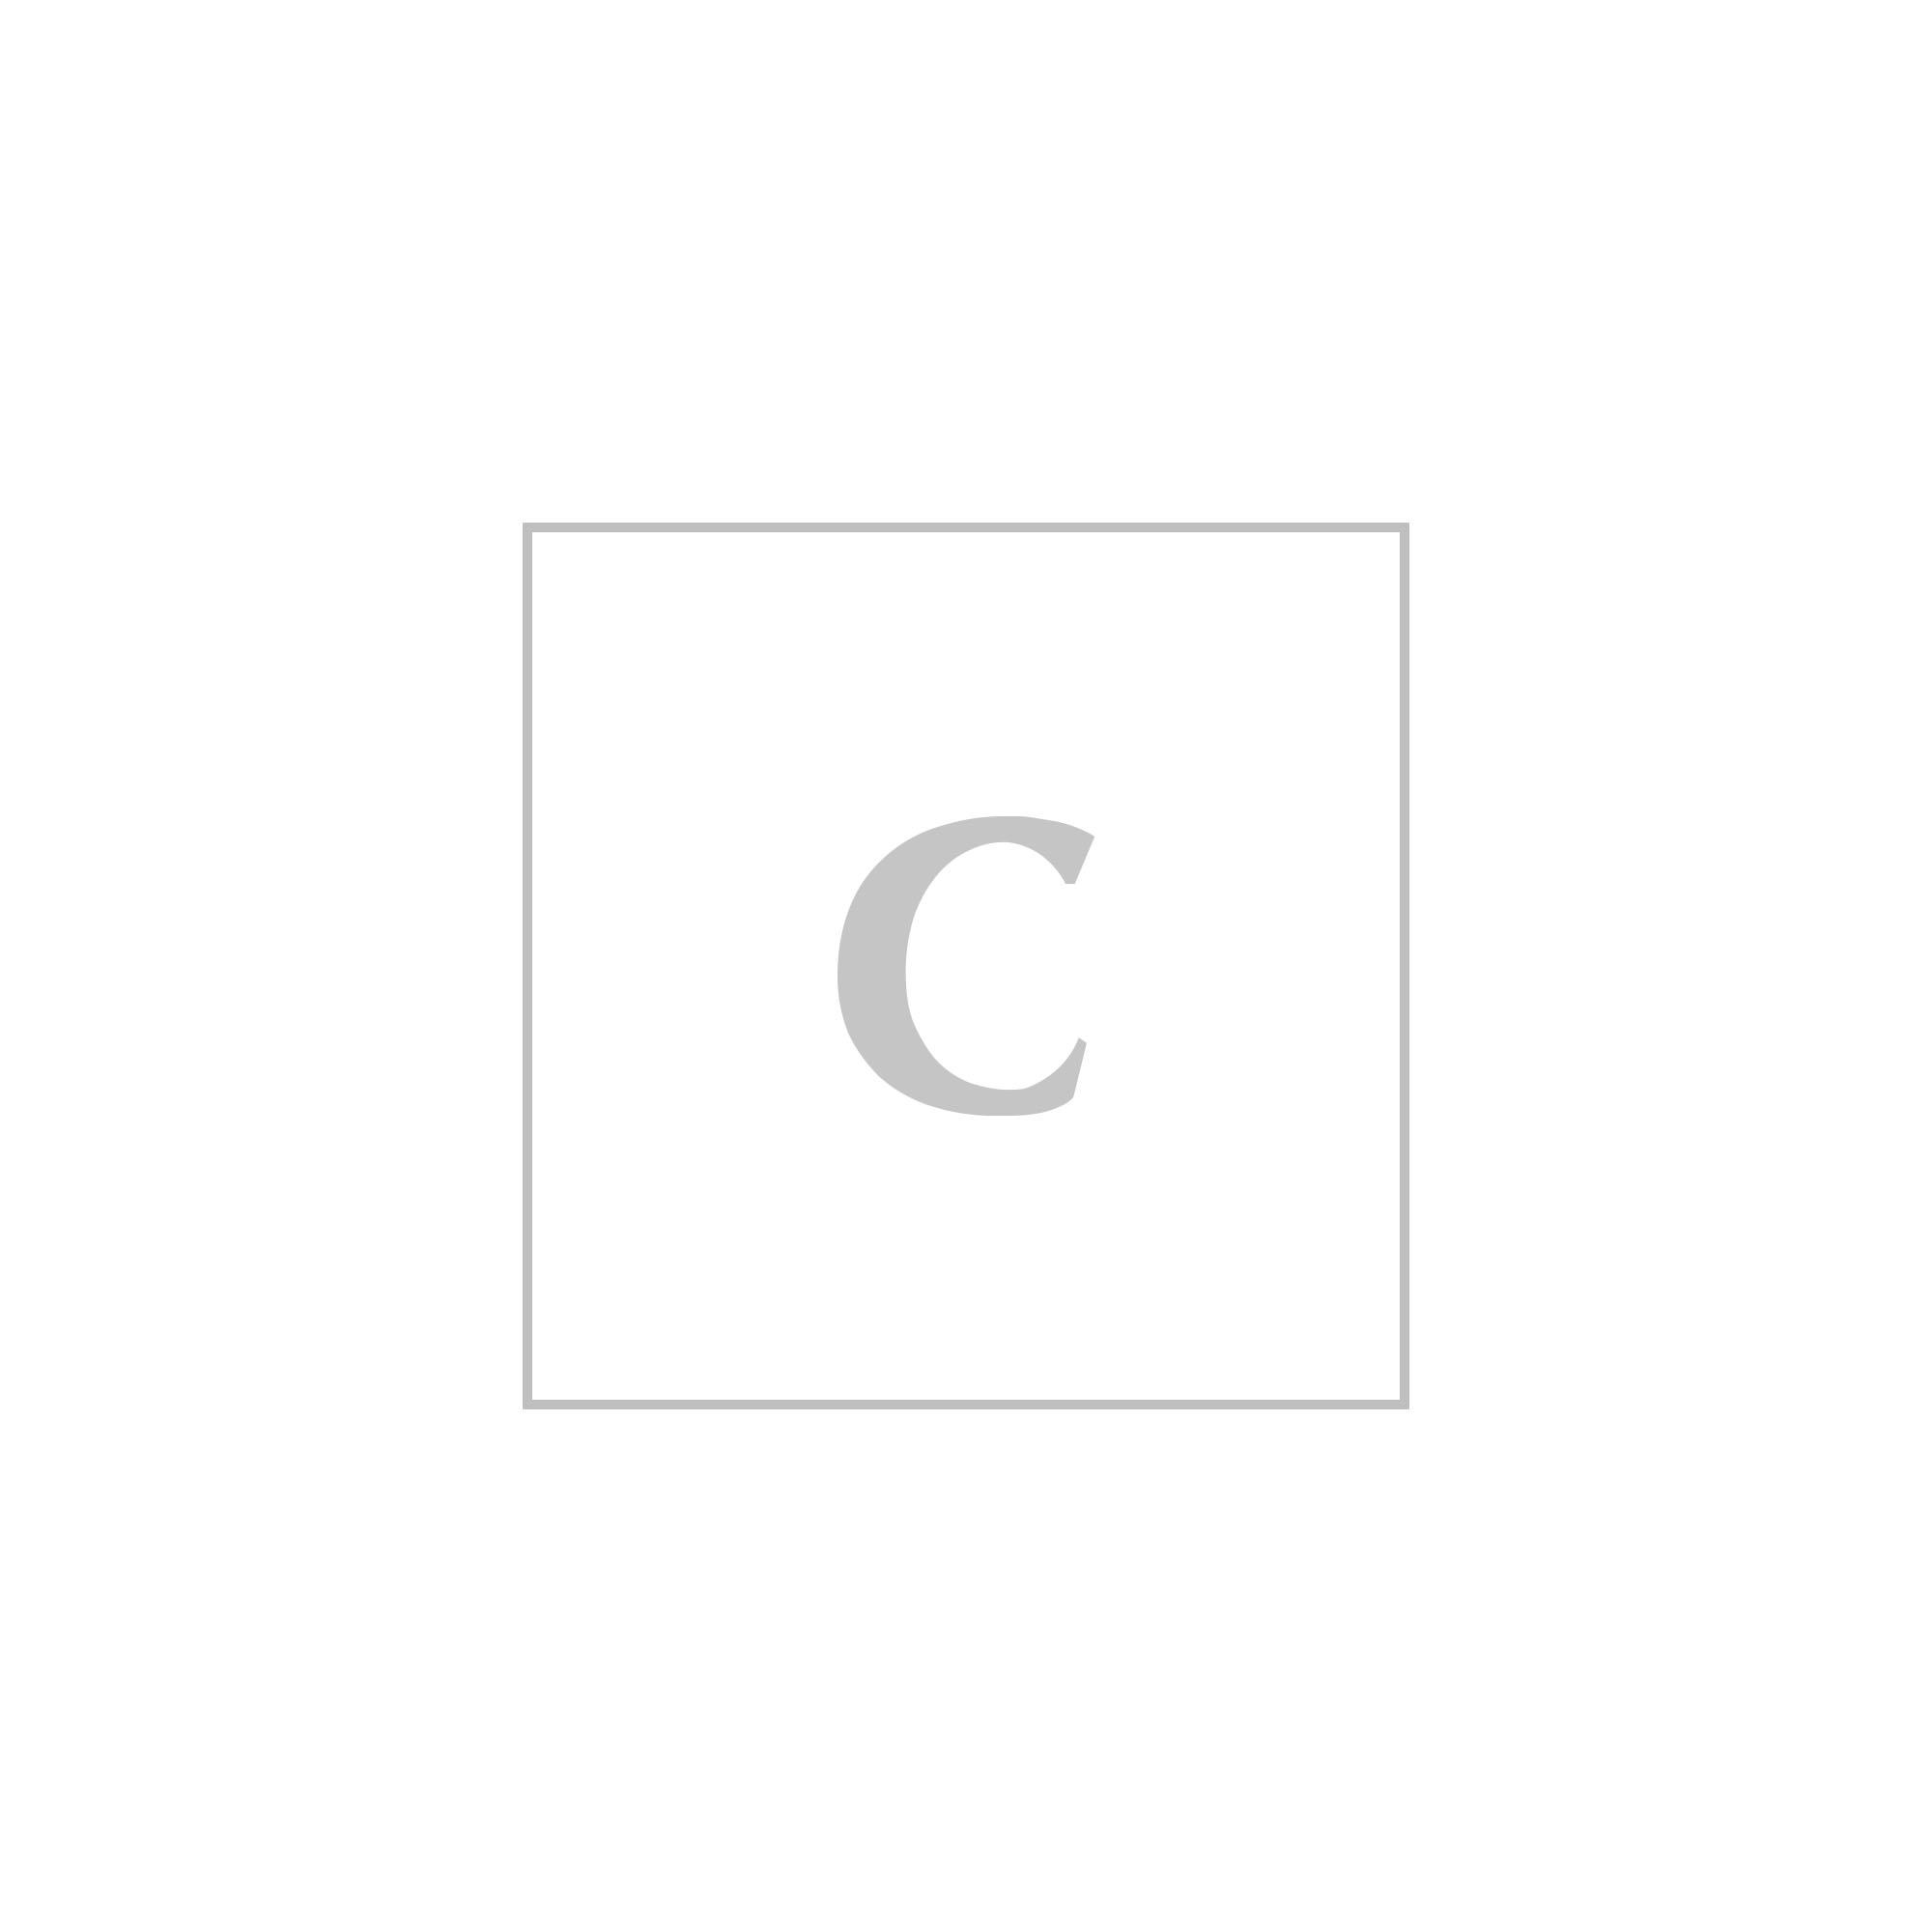 Calvin klein 205w39nyc logo turtleneck